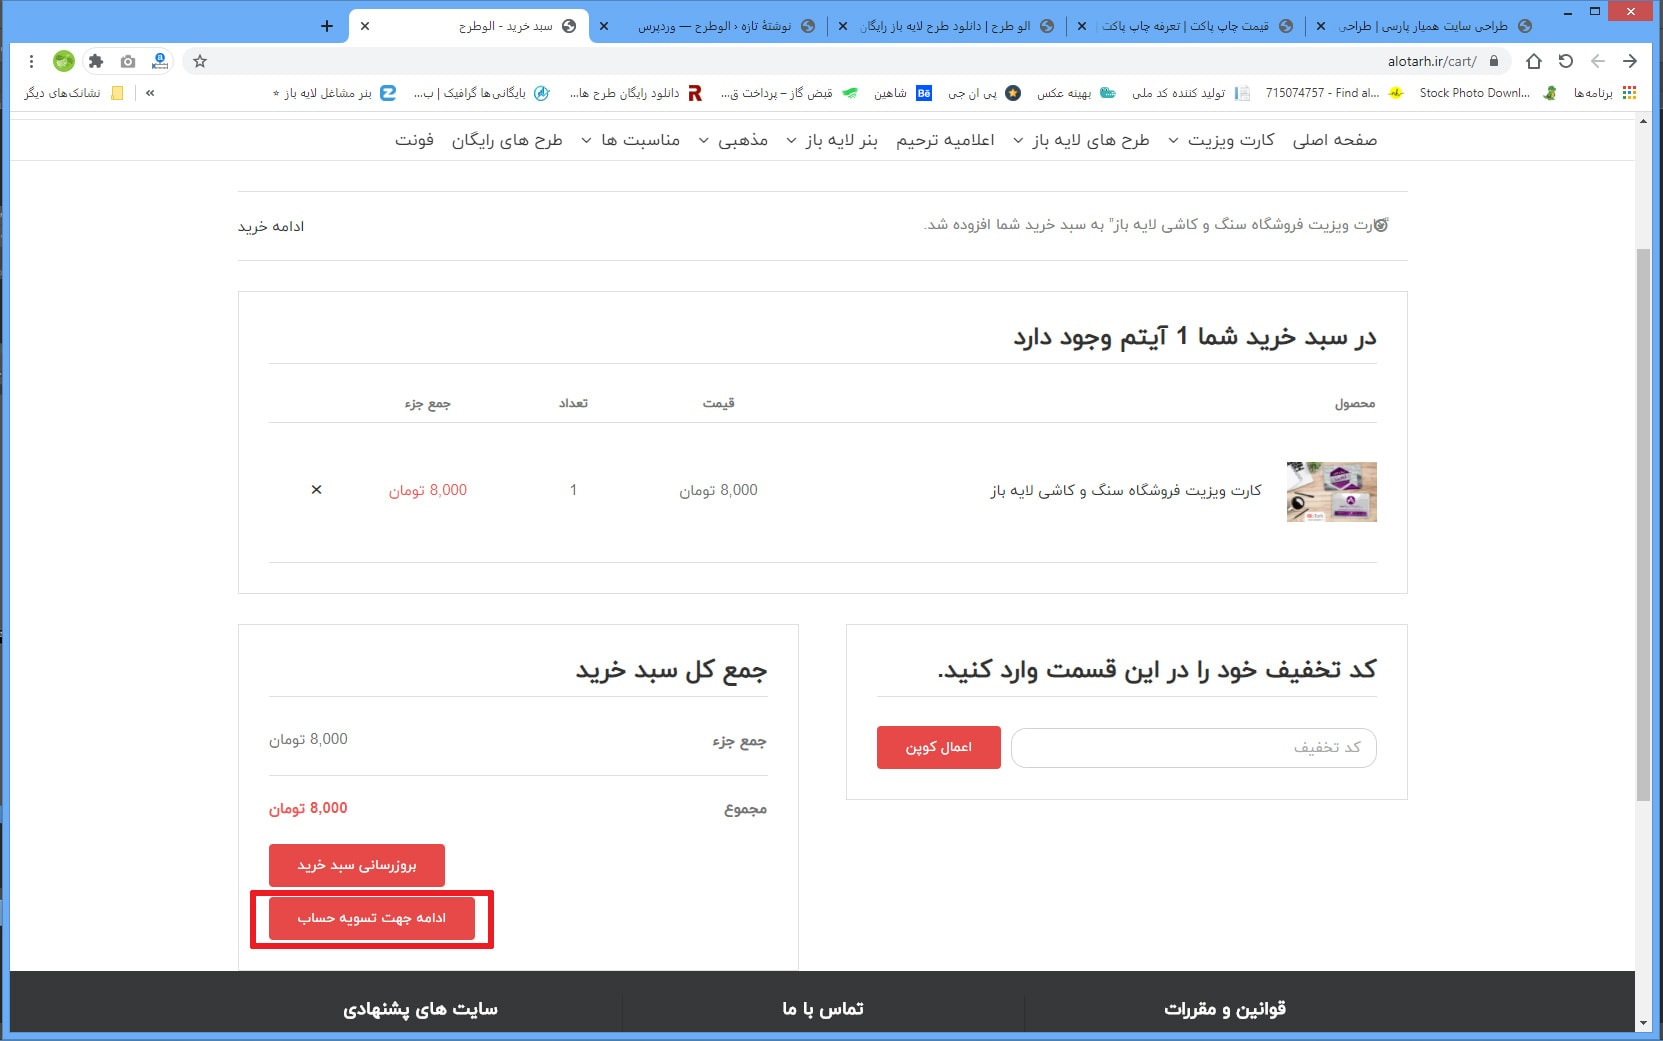 آموزش خرید تکی و دانلود فایل PSD